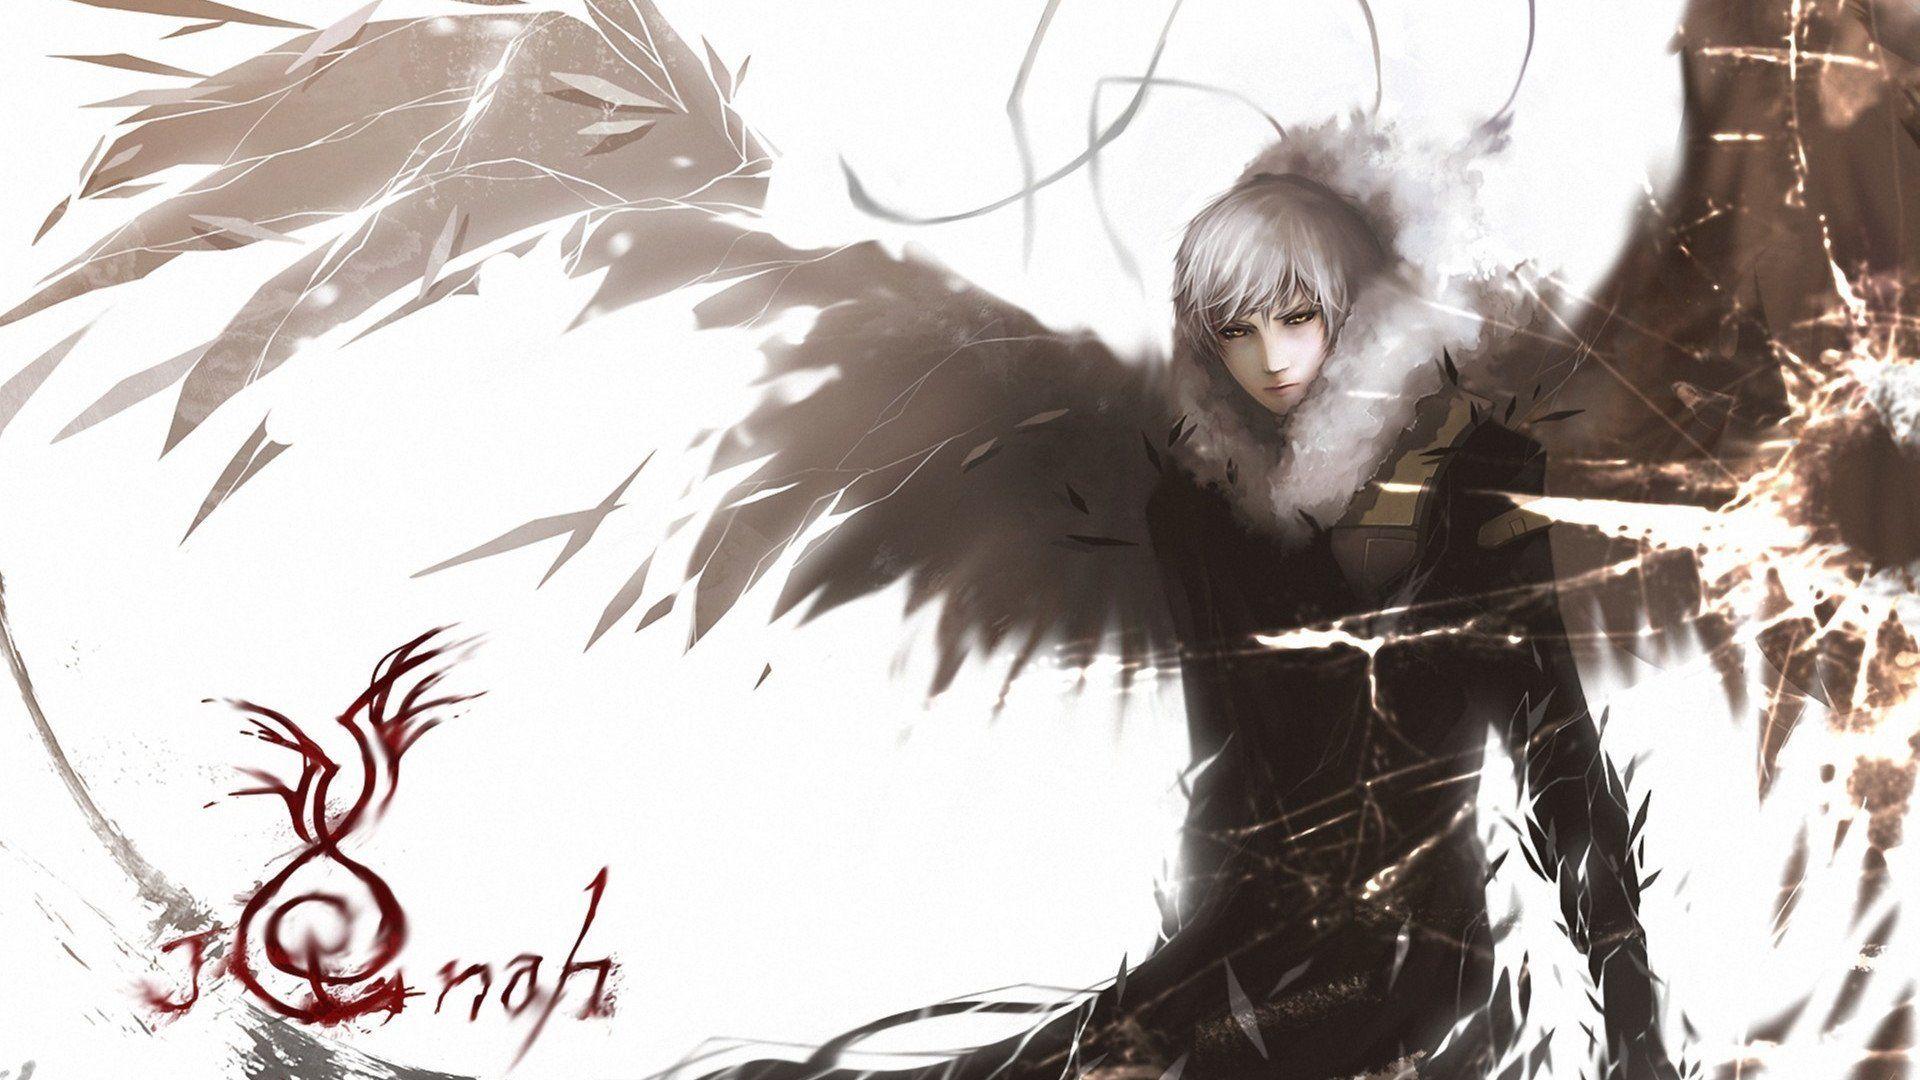 Anime Original Anime Angel Hoodie White Hair Bleached Eyes Wings Wallpaper Anime Angel Girl Angel Wings Art Eyes Wallpaper